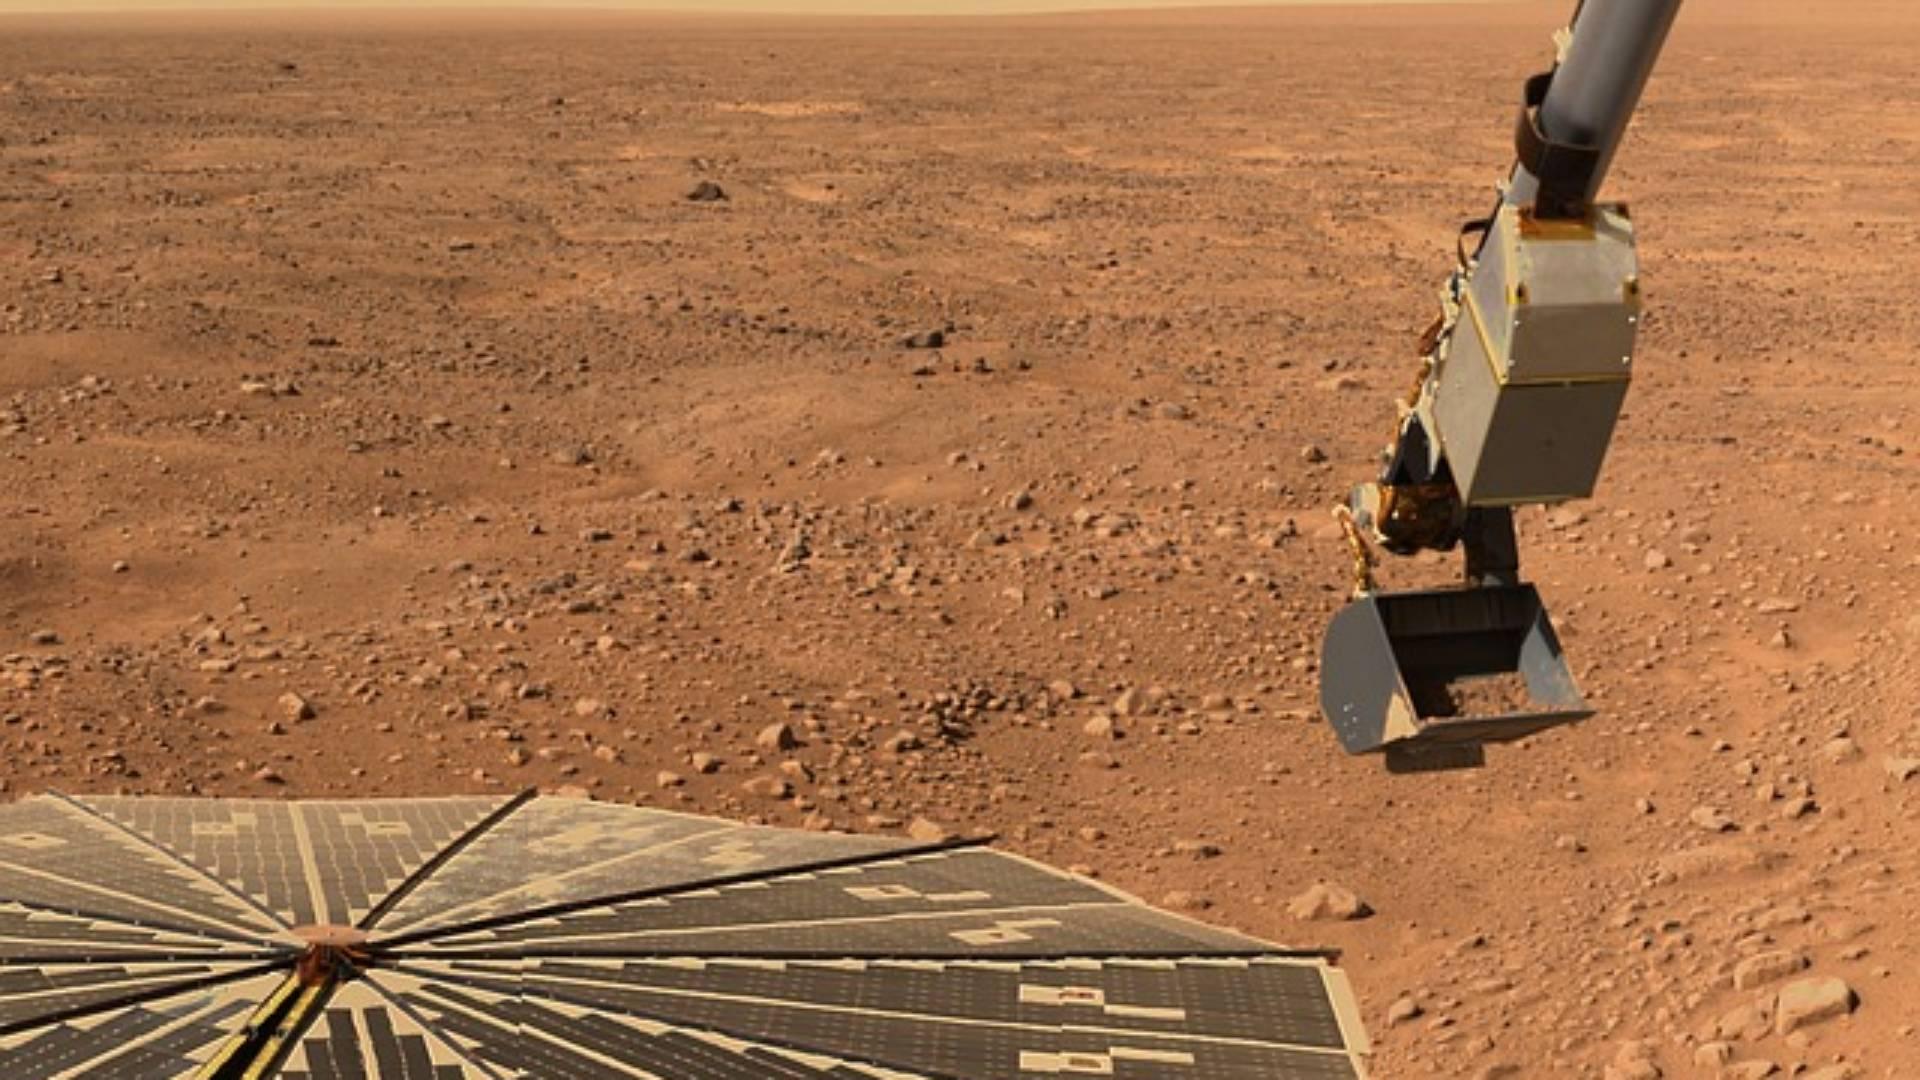 ASTRONOMIE: Der chinesische Mars-Rover Zhurong dreht seine ersten Runden